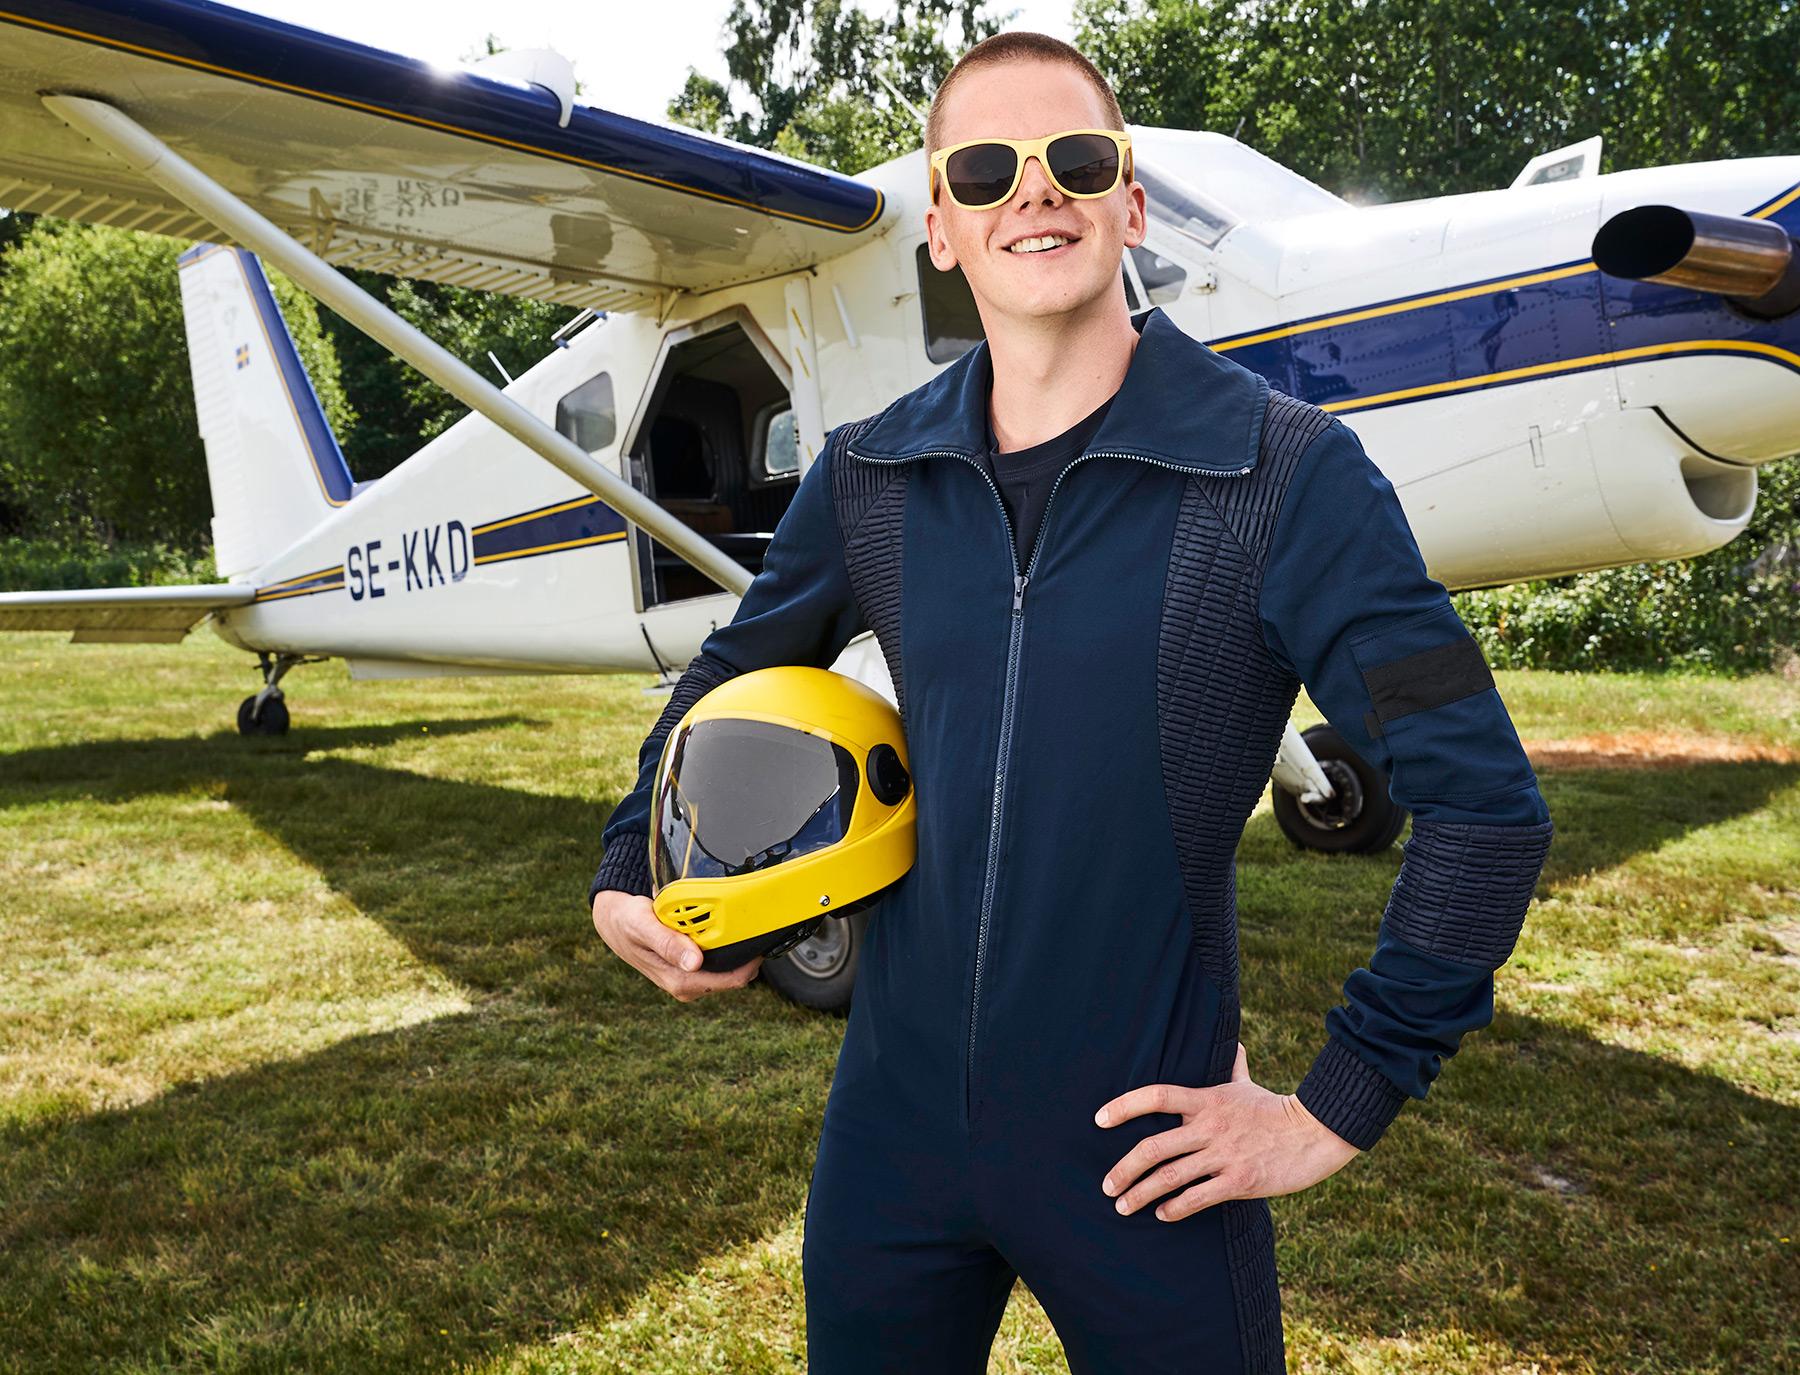 piloten och flygplanet